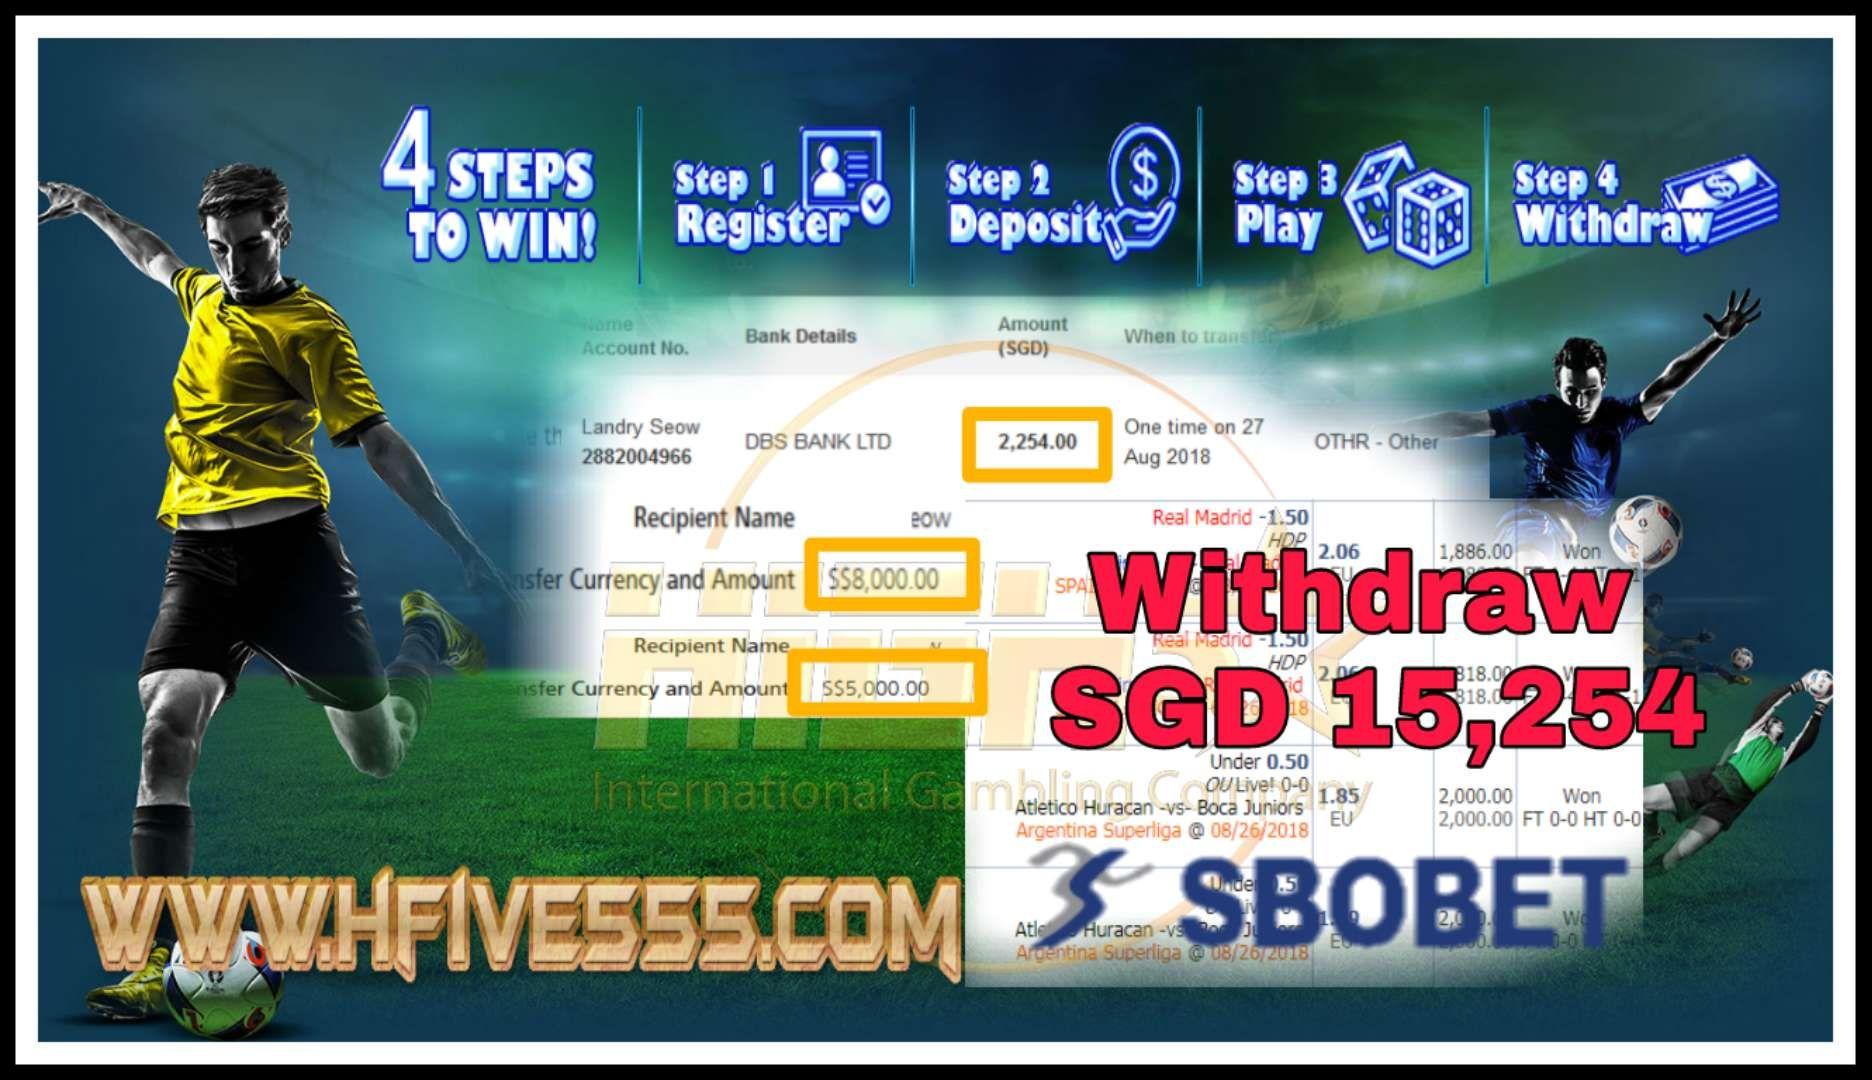 Rulete online, Grand fortune no deposit bonus codes